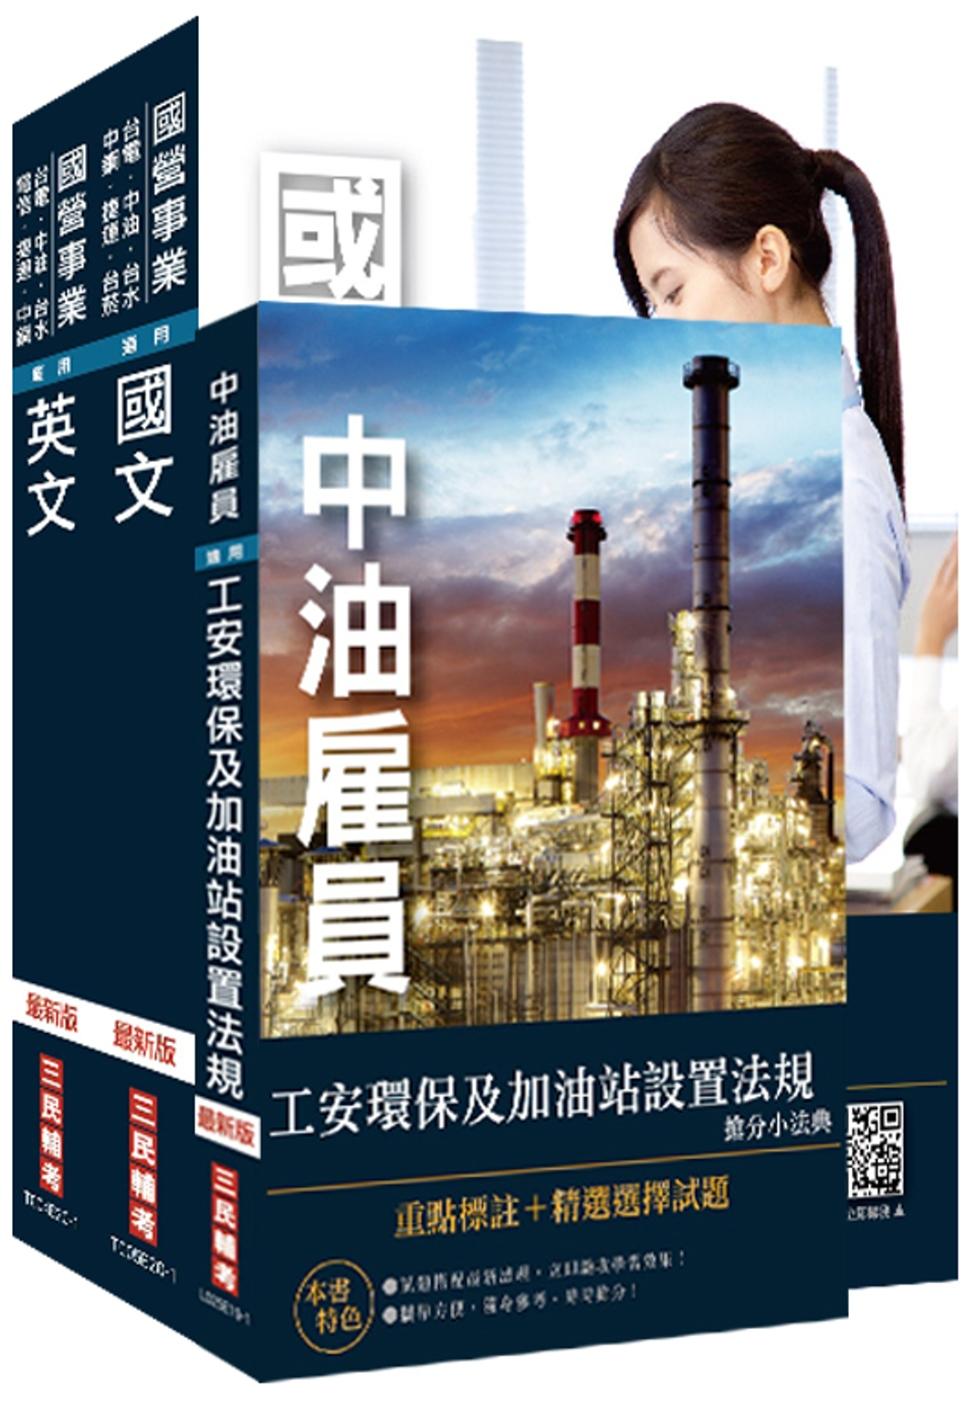 2020台糖新進工員甄試[儲備加油站長]套書